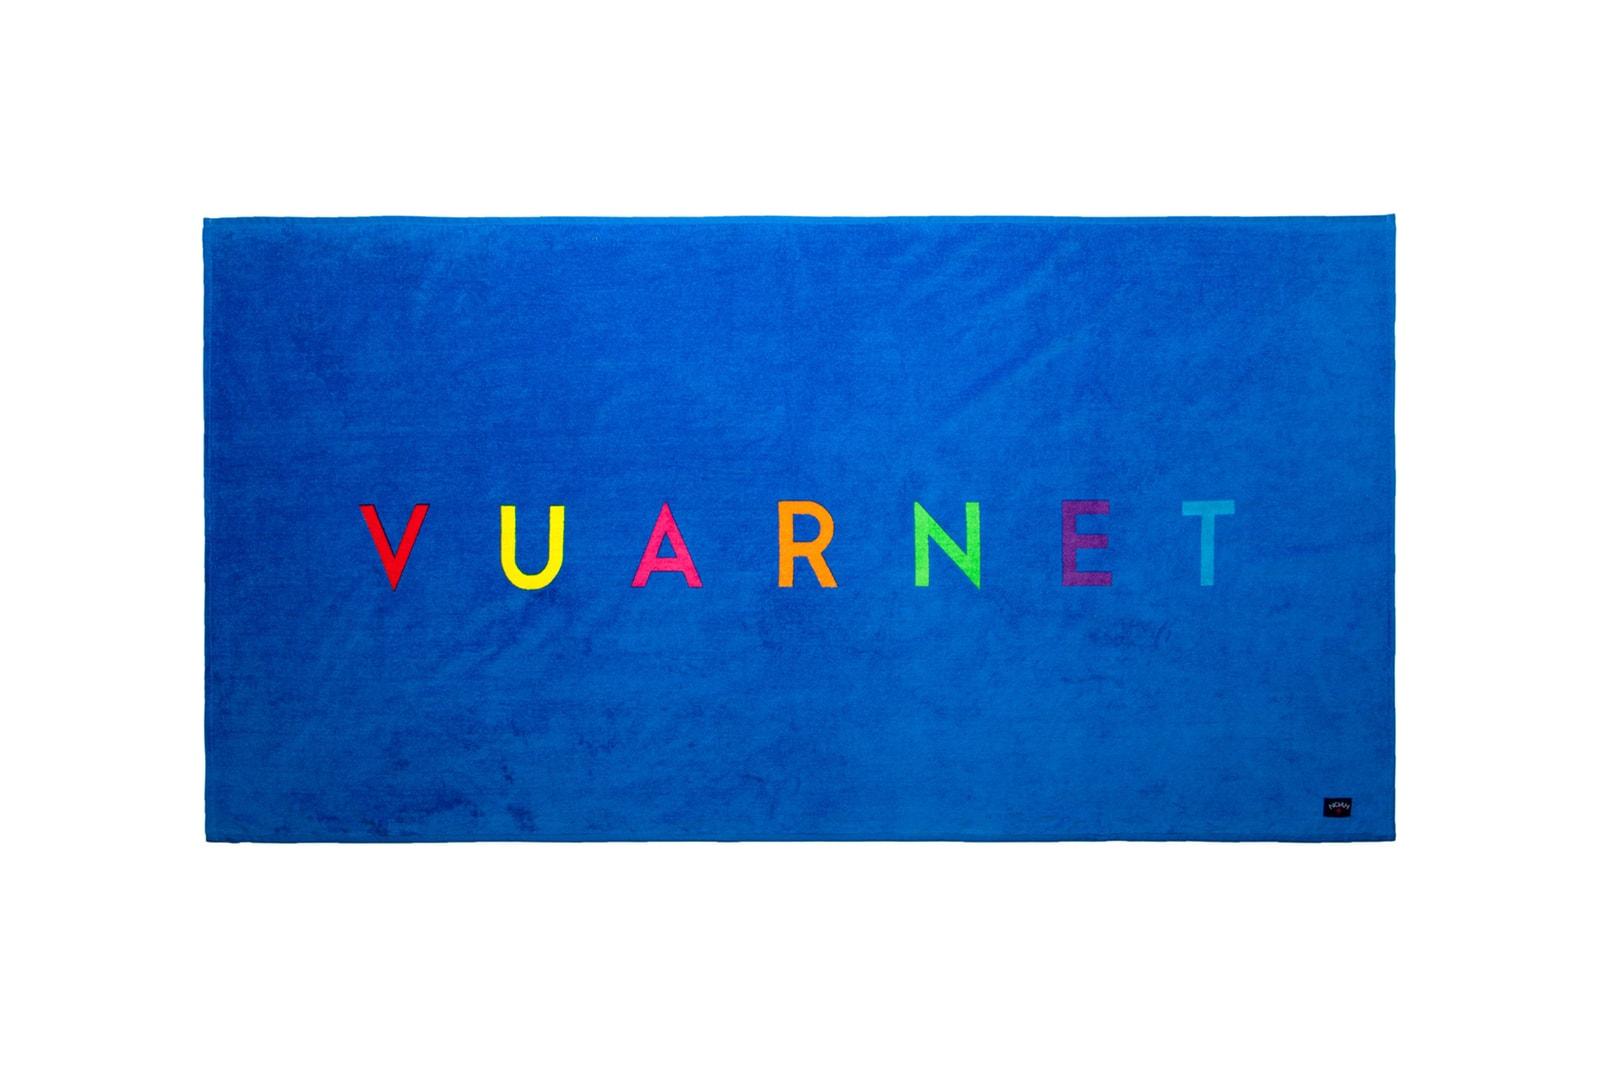 Noah x Vuarnet Spring/Summer 2018 Collection Lookbook